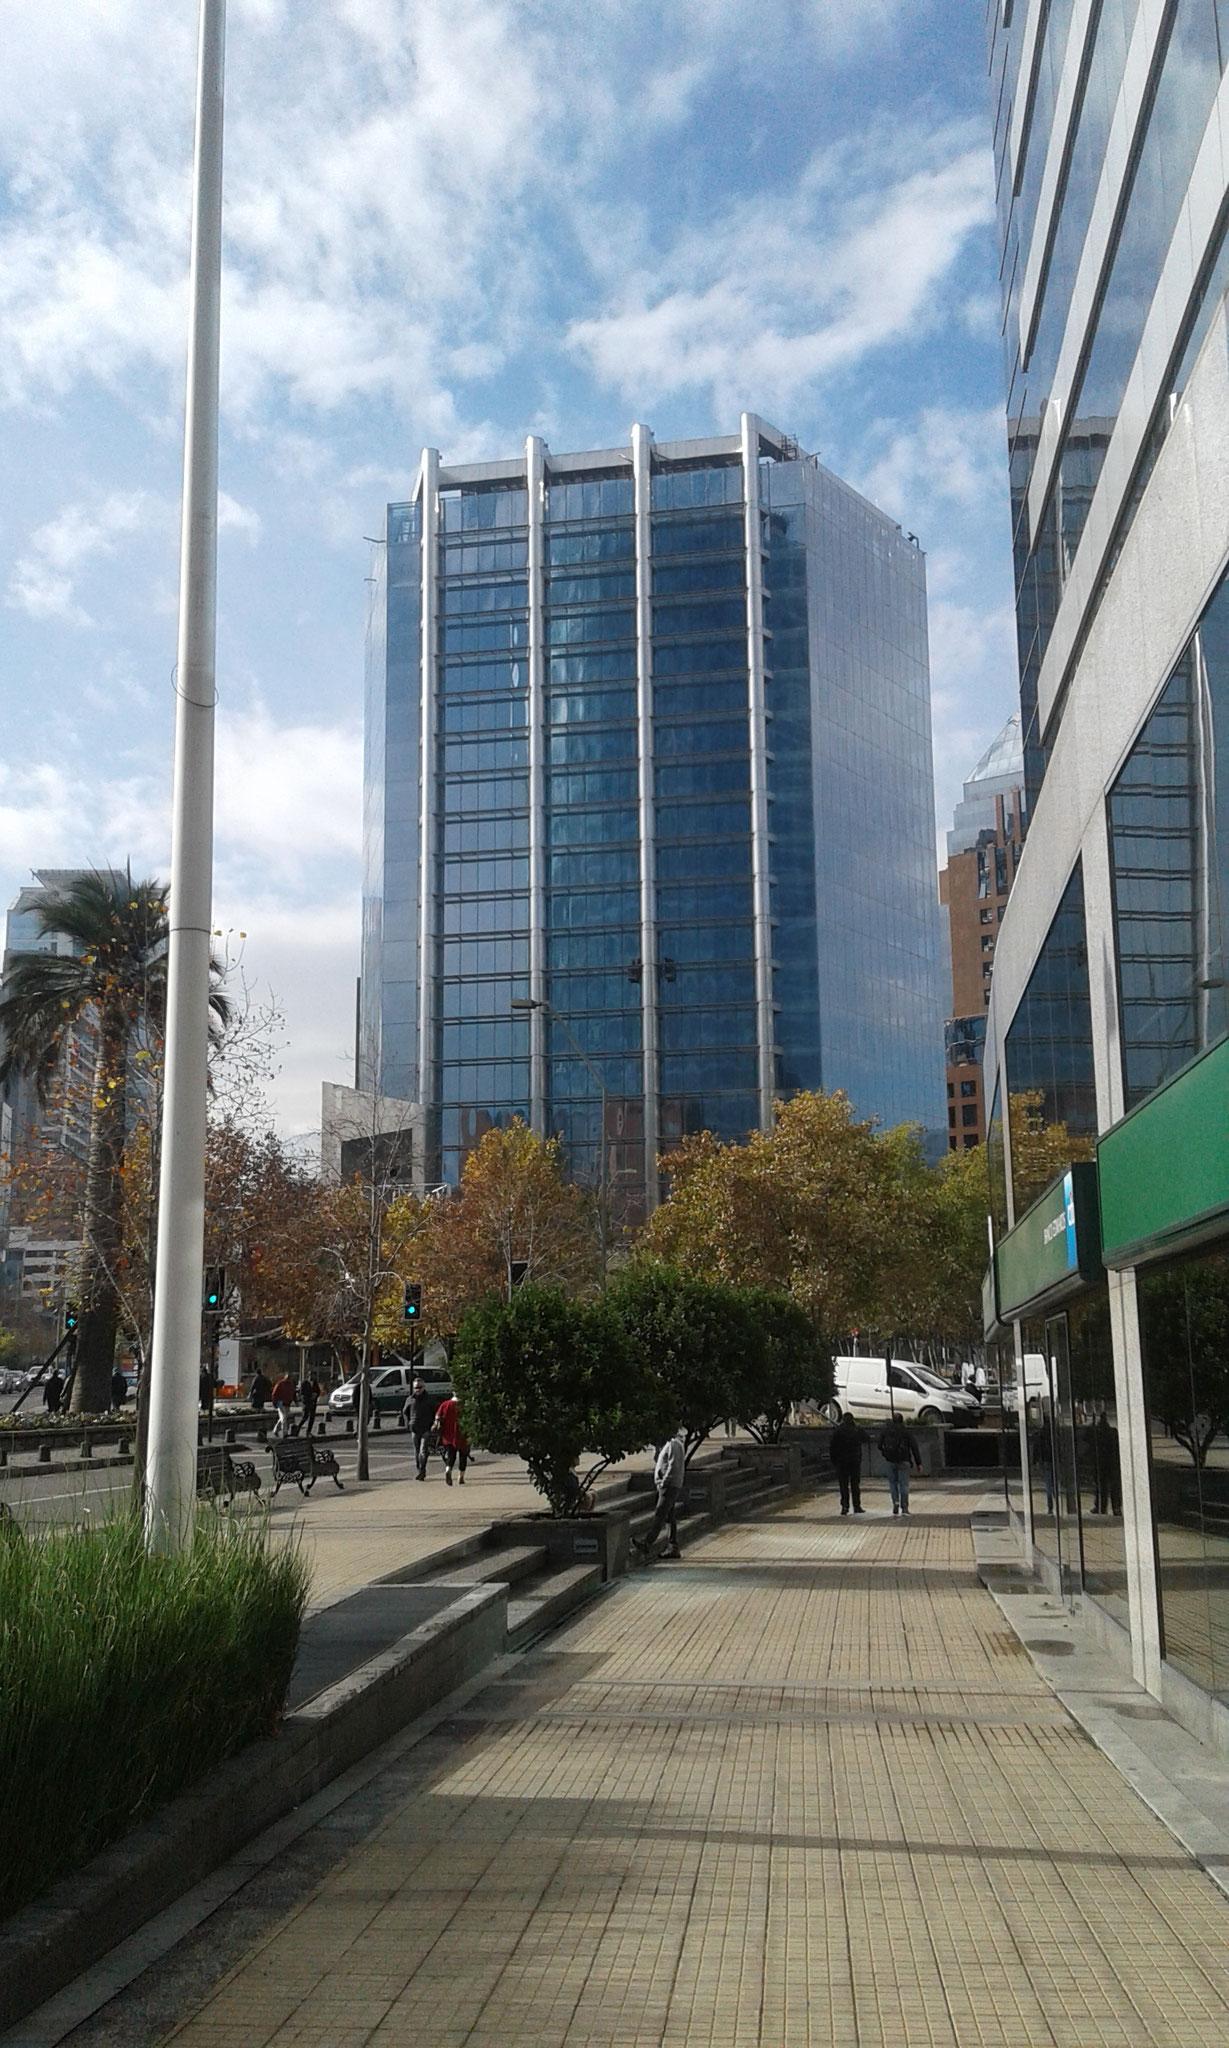 STOPRAY Vision 36T (descontinuado), Edificio Isidora El Bosque, Santiago, Chile